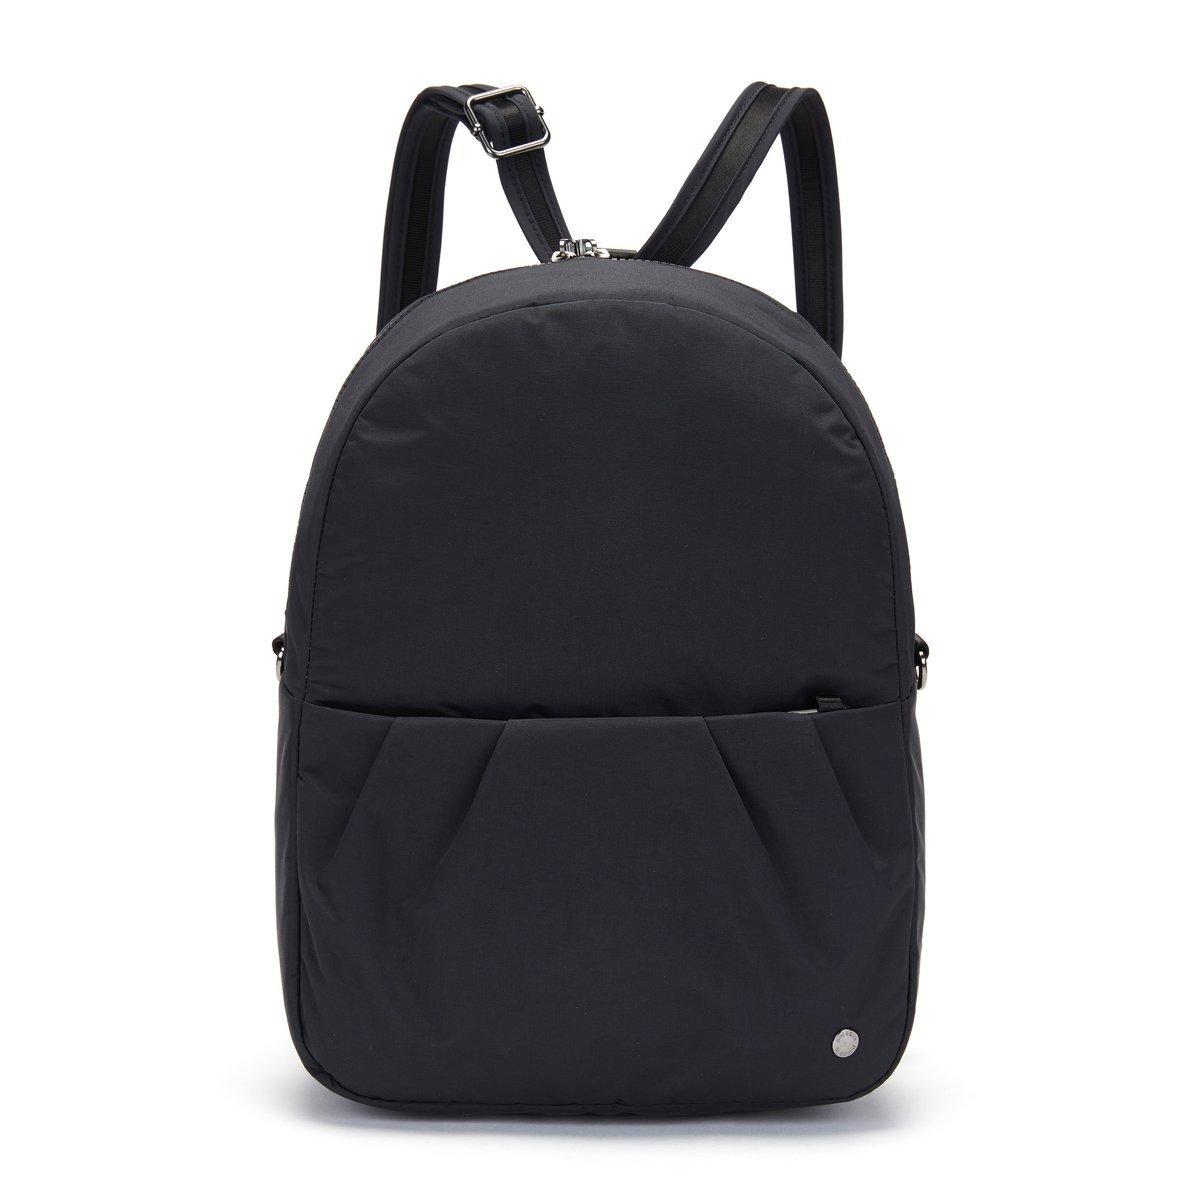 2w1 Torebka / Plecak antykradzieżowy Pacsafe Citysafe CX Econyl Black